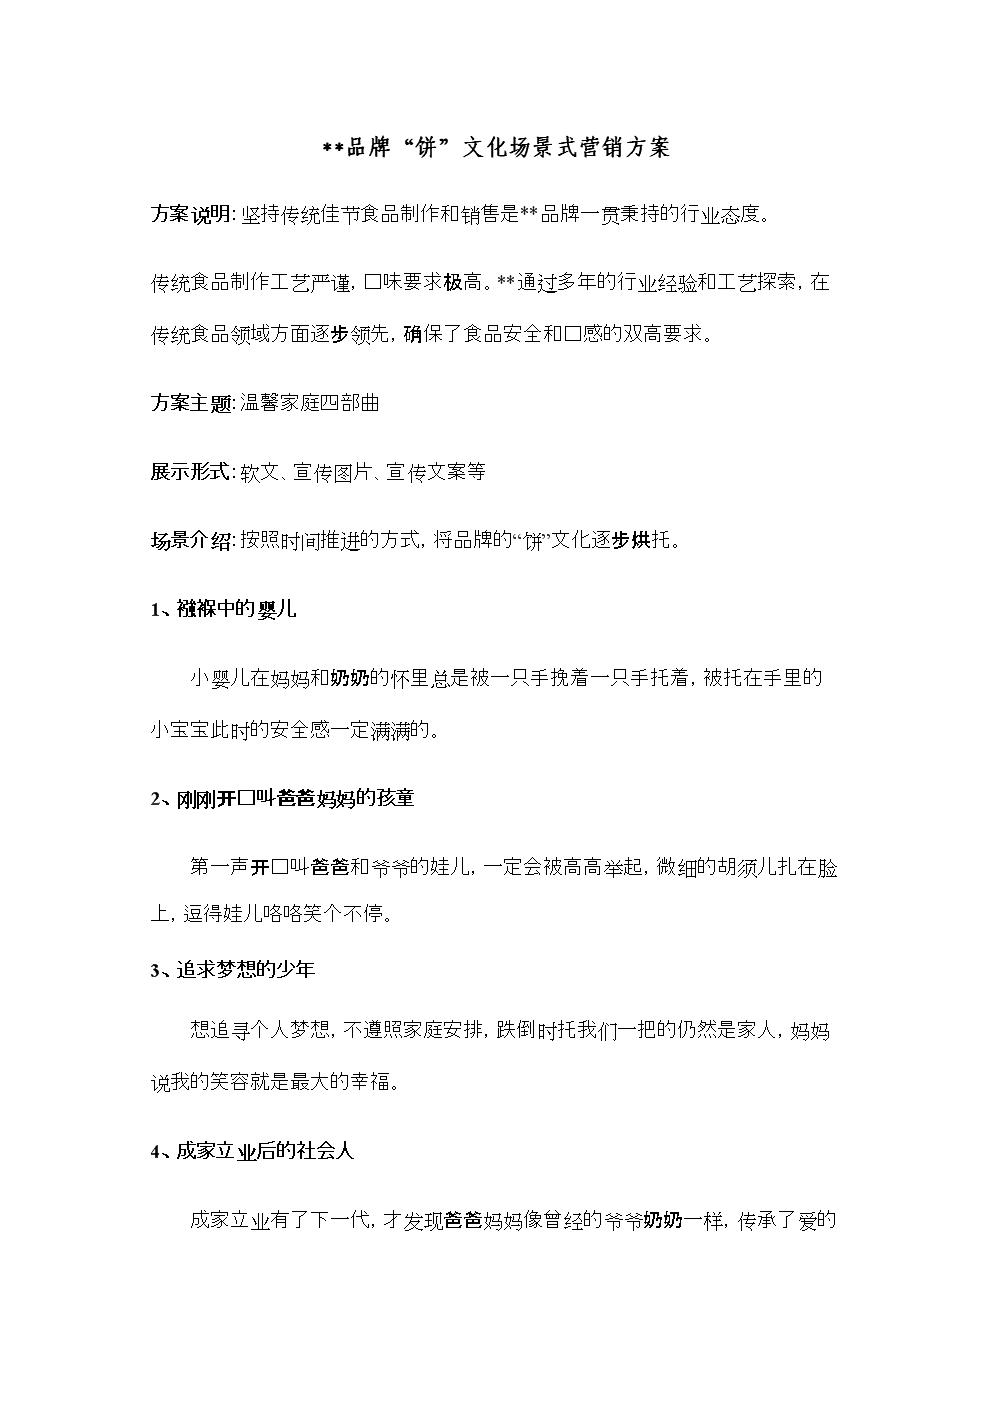 品牌策划方案.docx